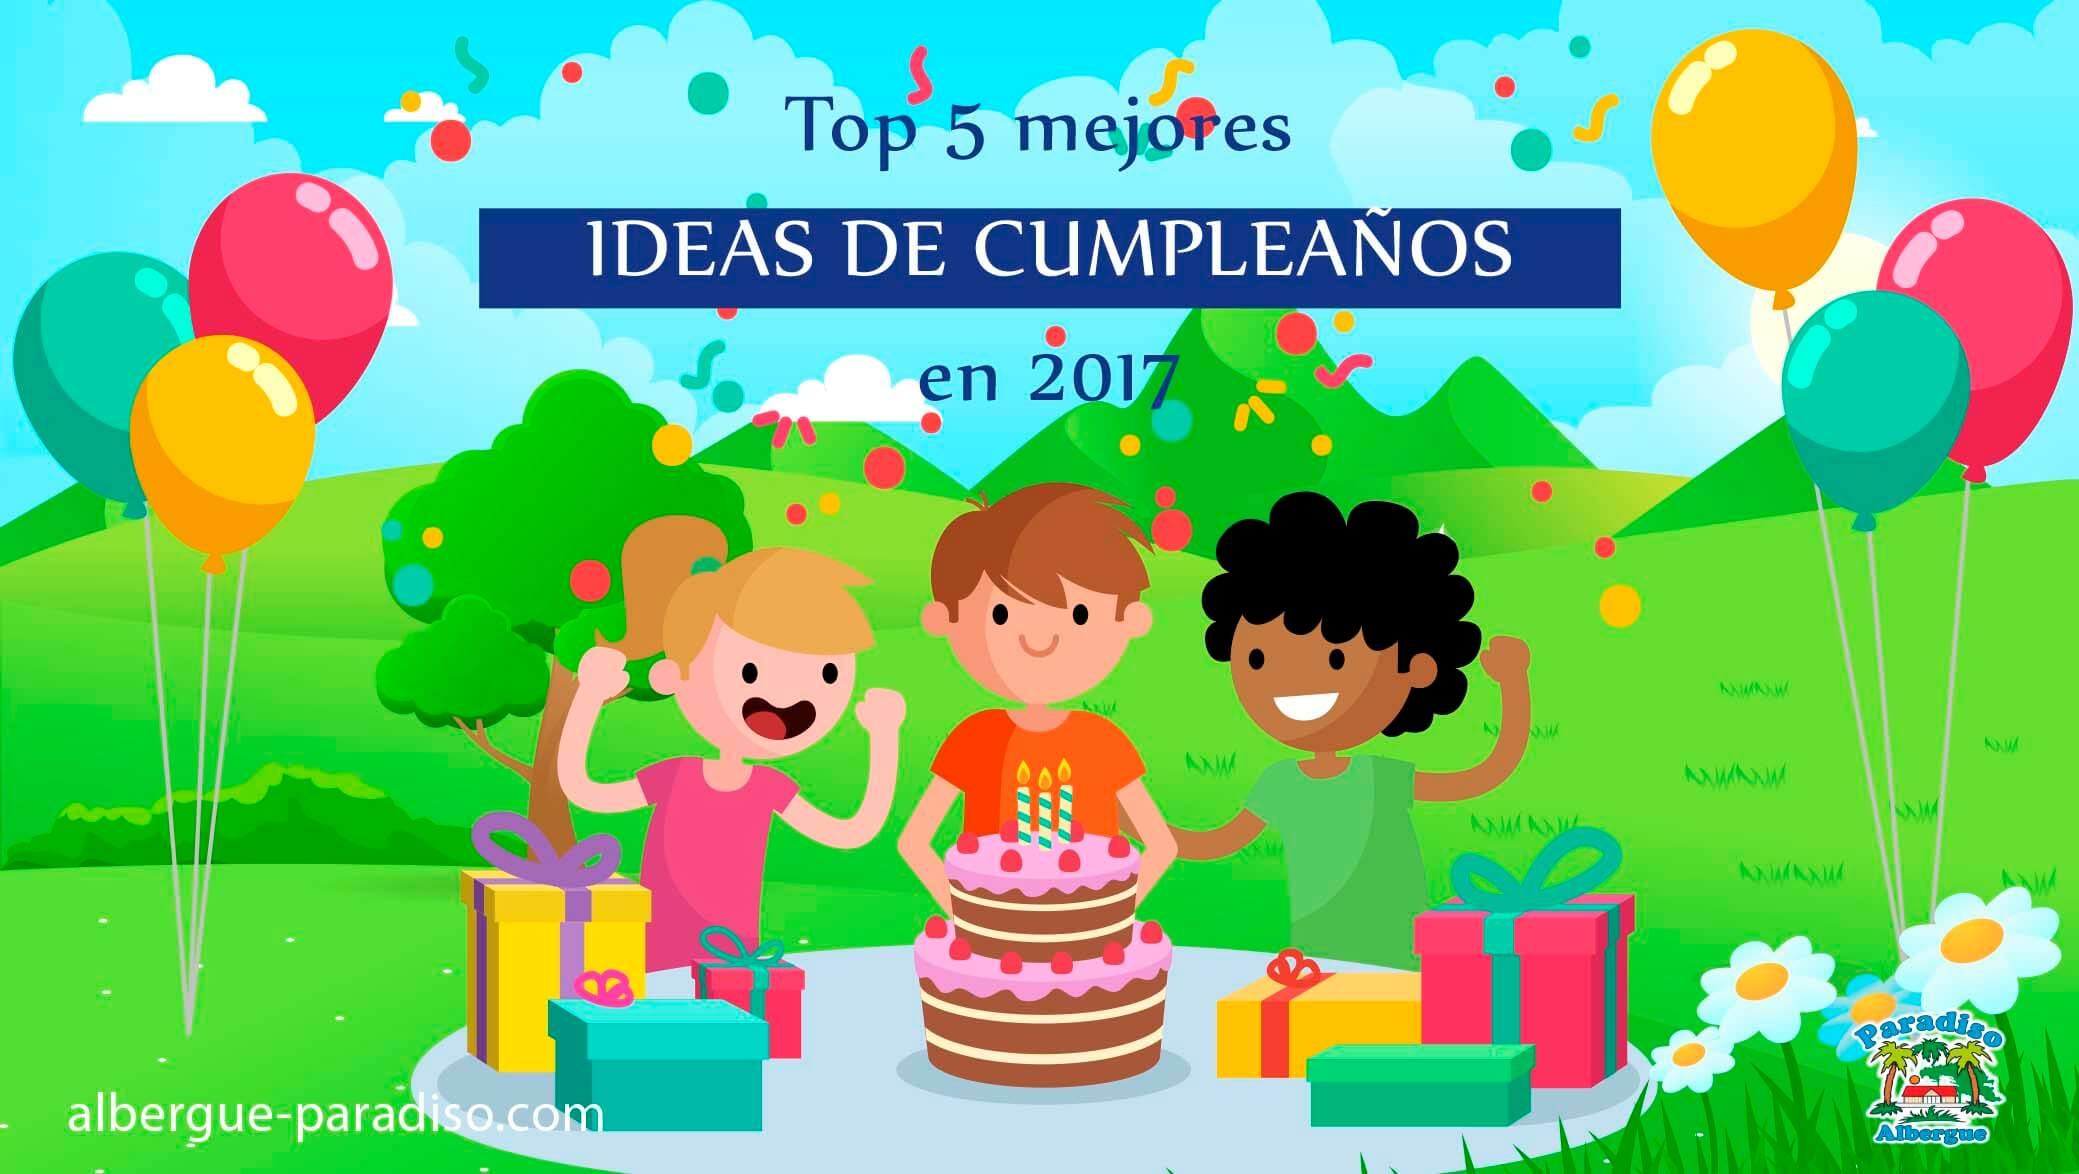 ideas de cumpleaños para niños